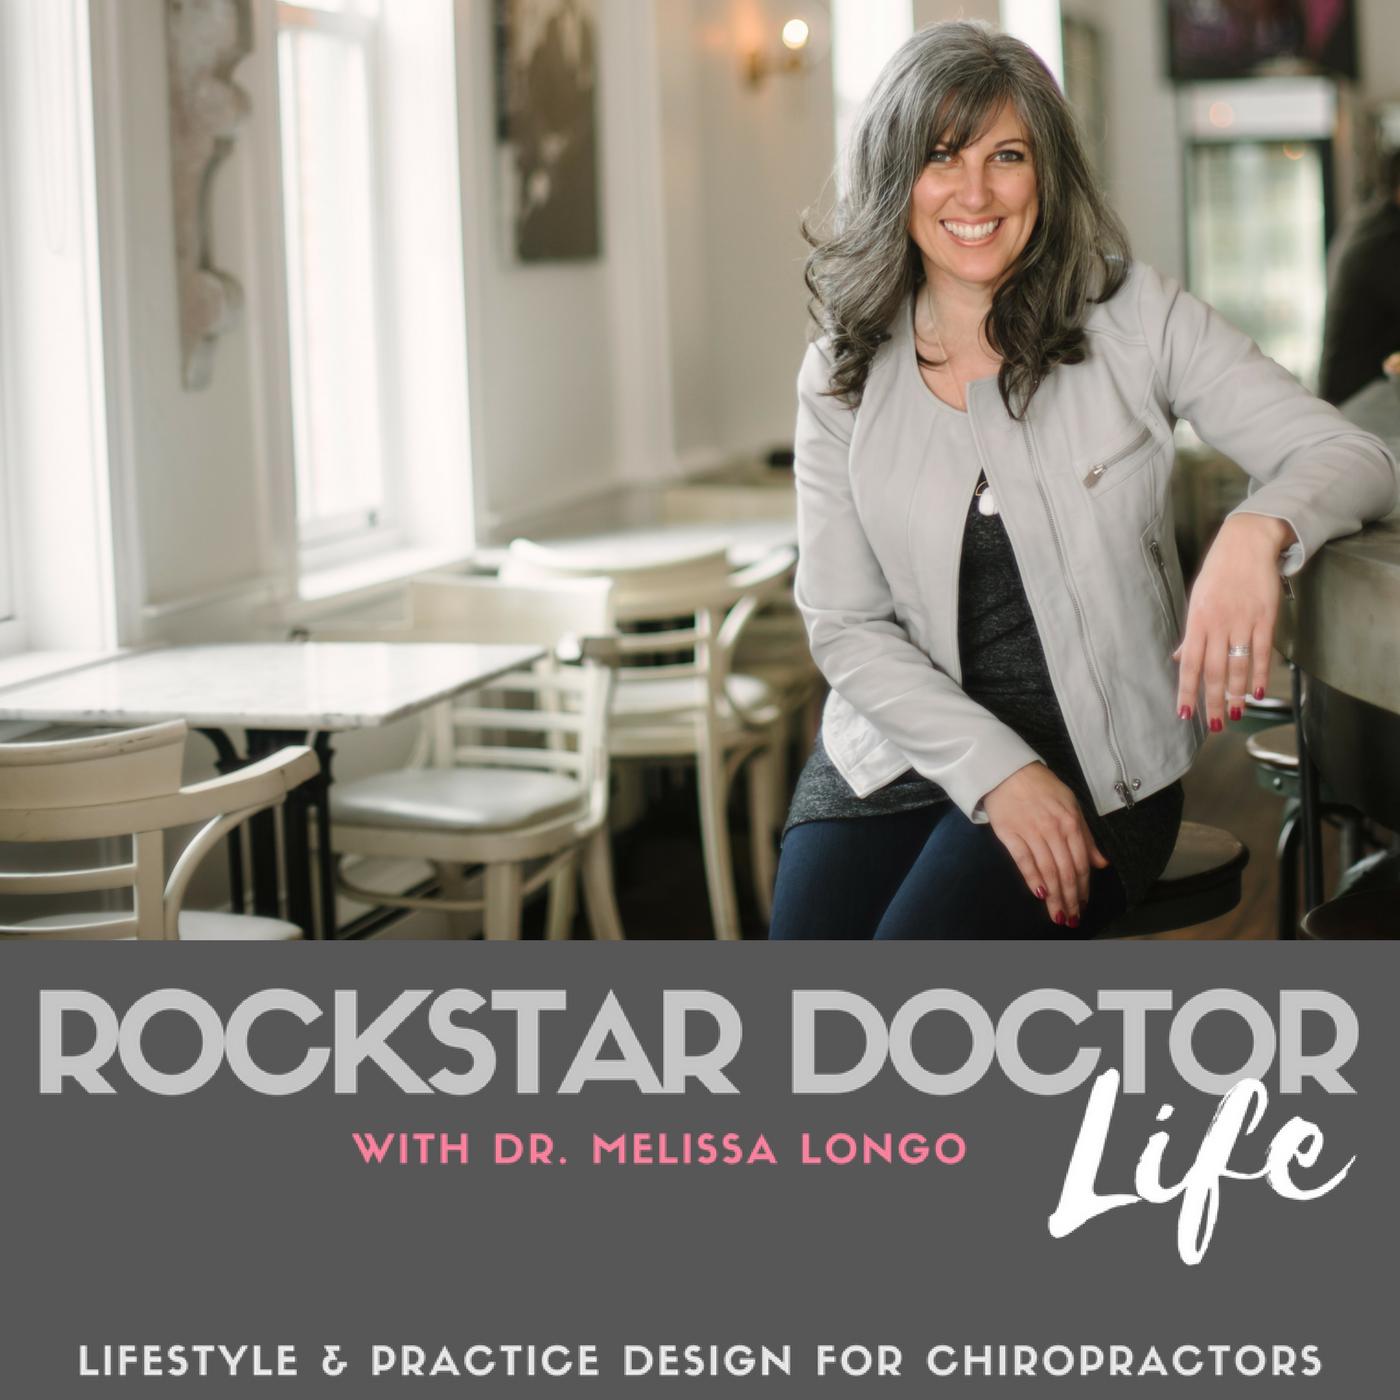 Rockstar Doctor Life | Chiropractic Life & Practice